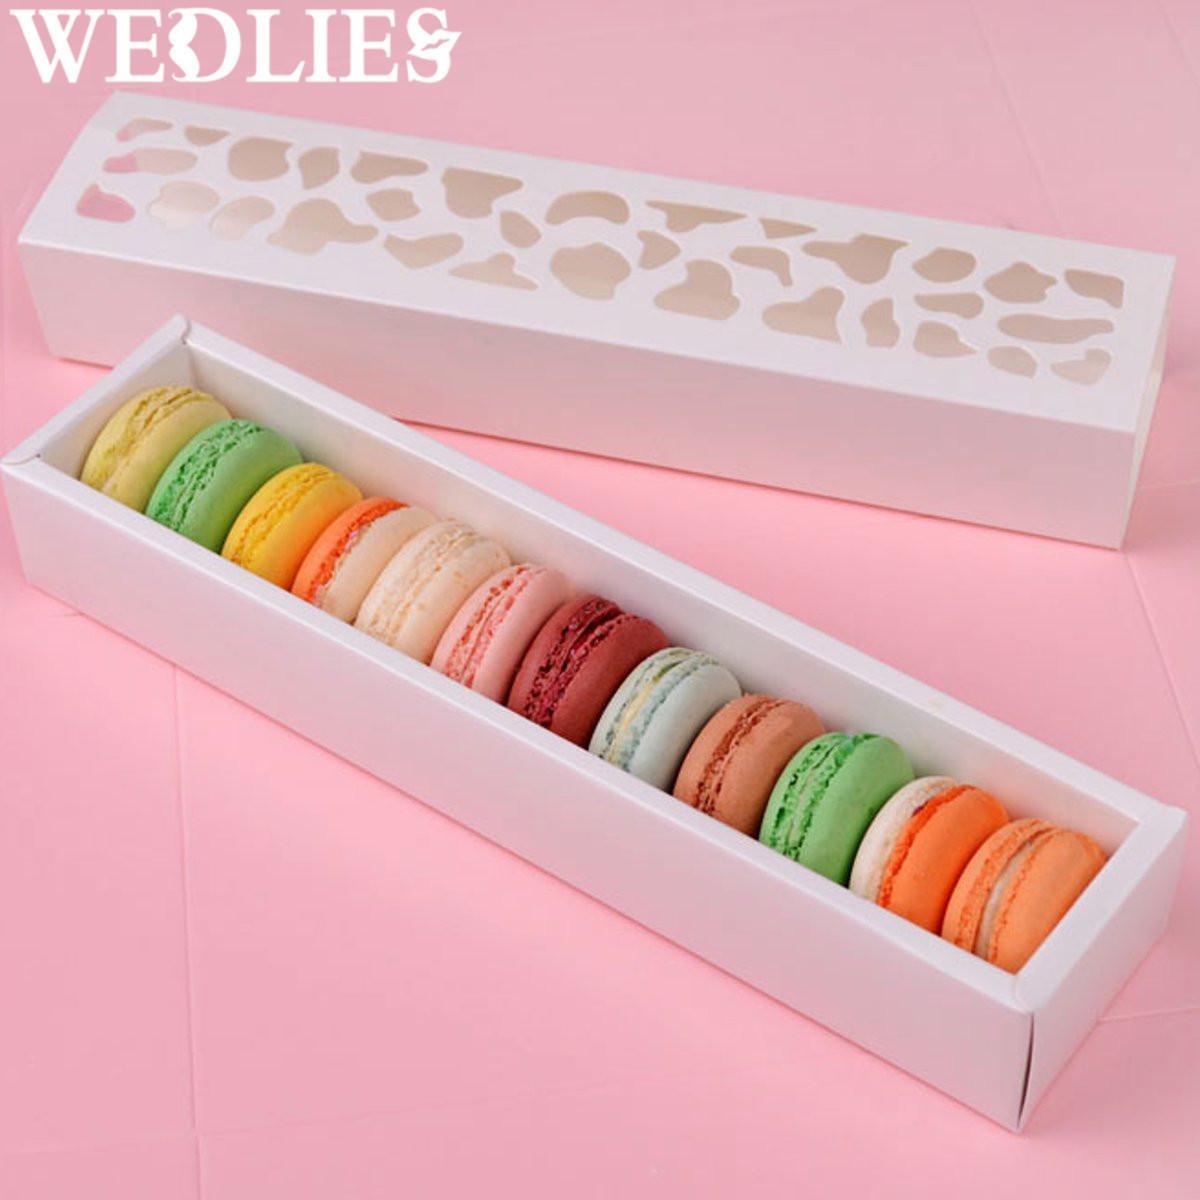 10 pz / set Biscotti Scatola di imballaggio Bianco Hollow Cake Macaron Scatole Contenitore Titolare di Immagazzinaggio Cupcake Eventi Festa di Nozze Regalo di Favore T8190629